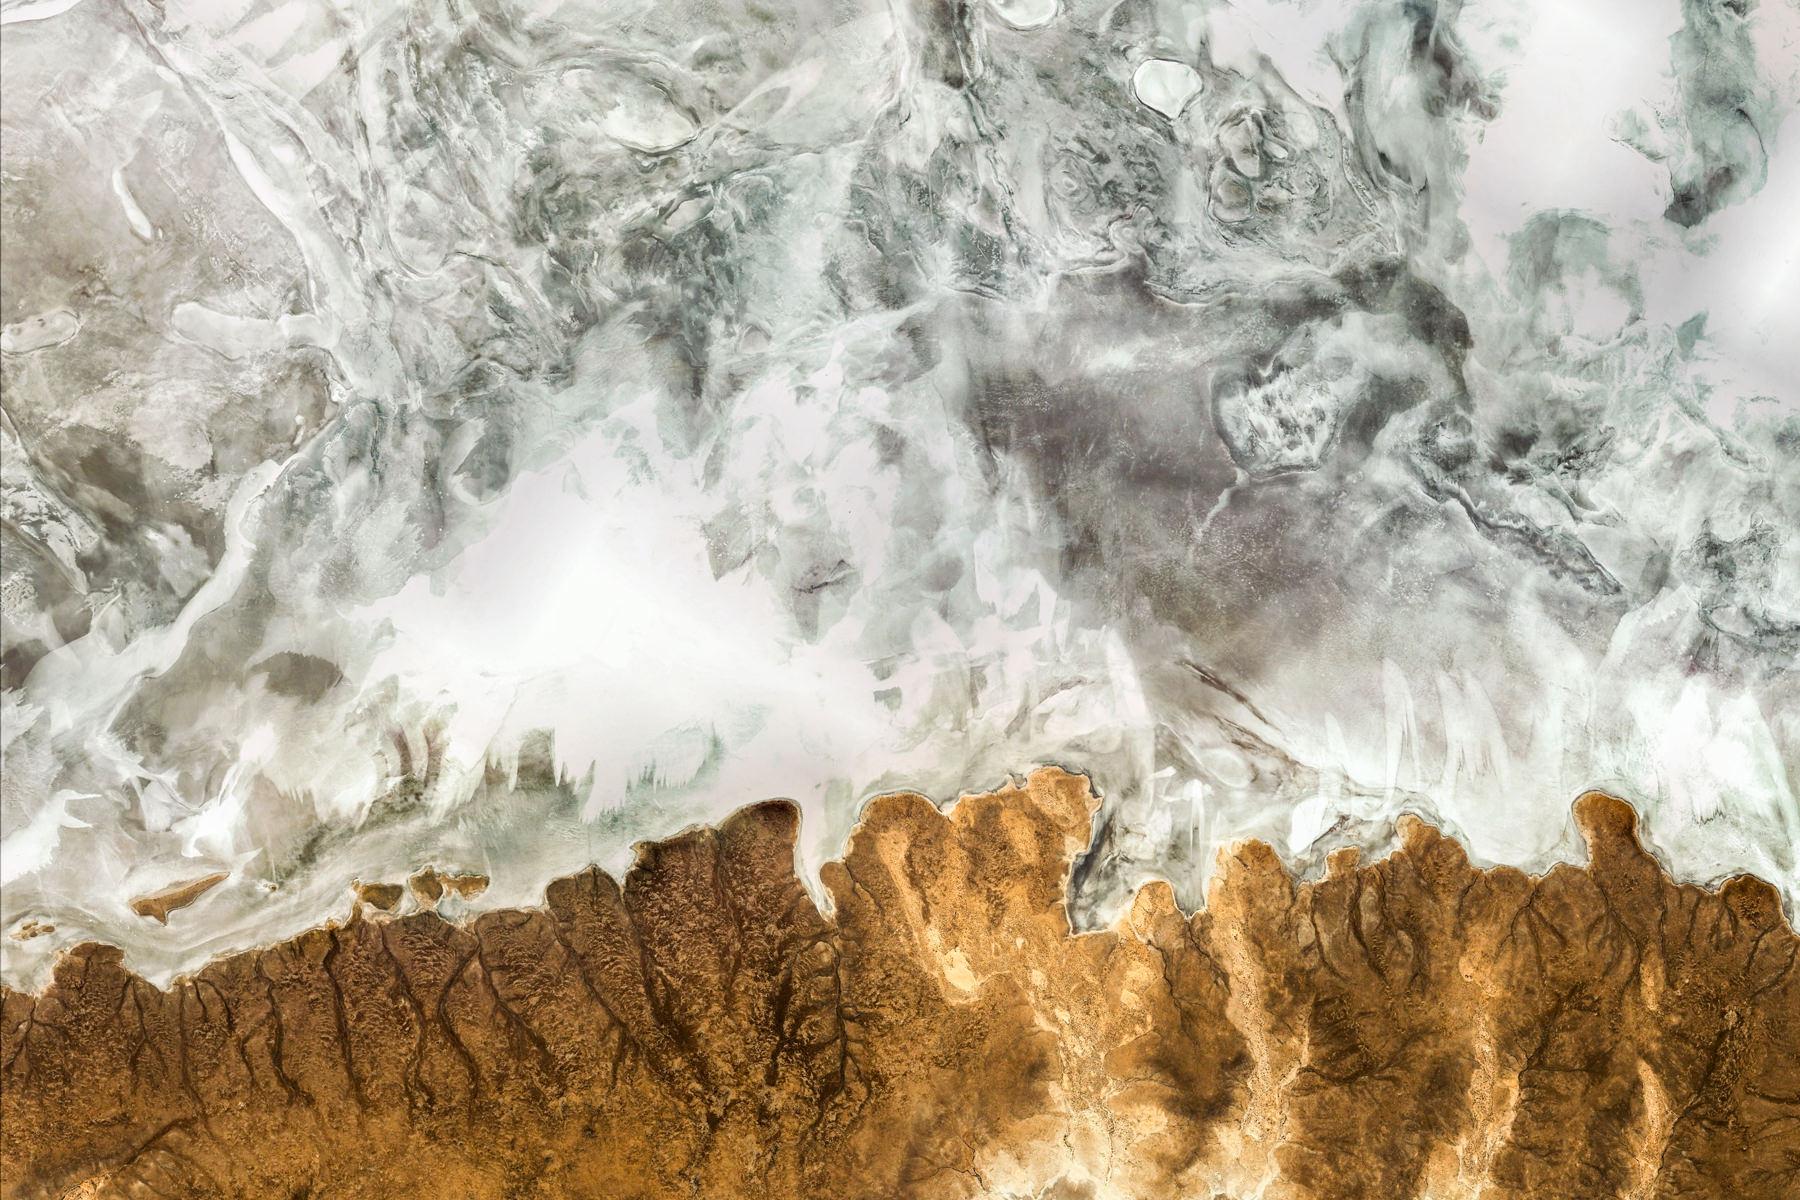 google-earth-Australia-Wintabatinyana-13239